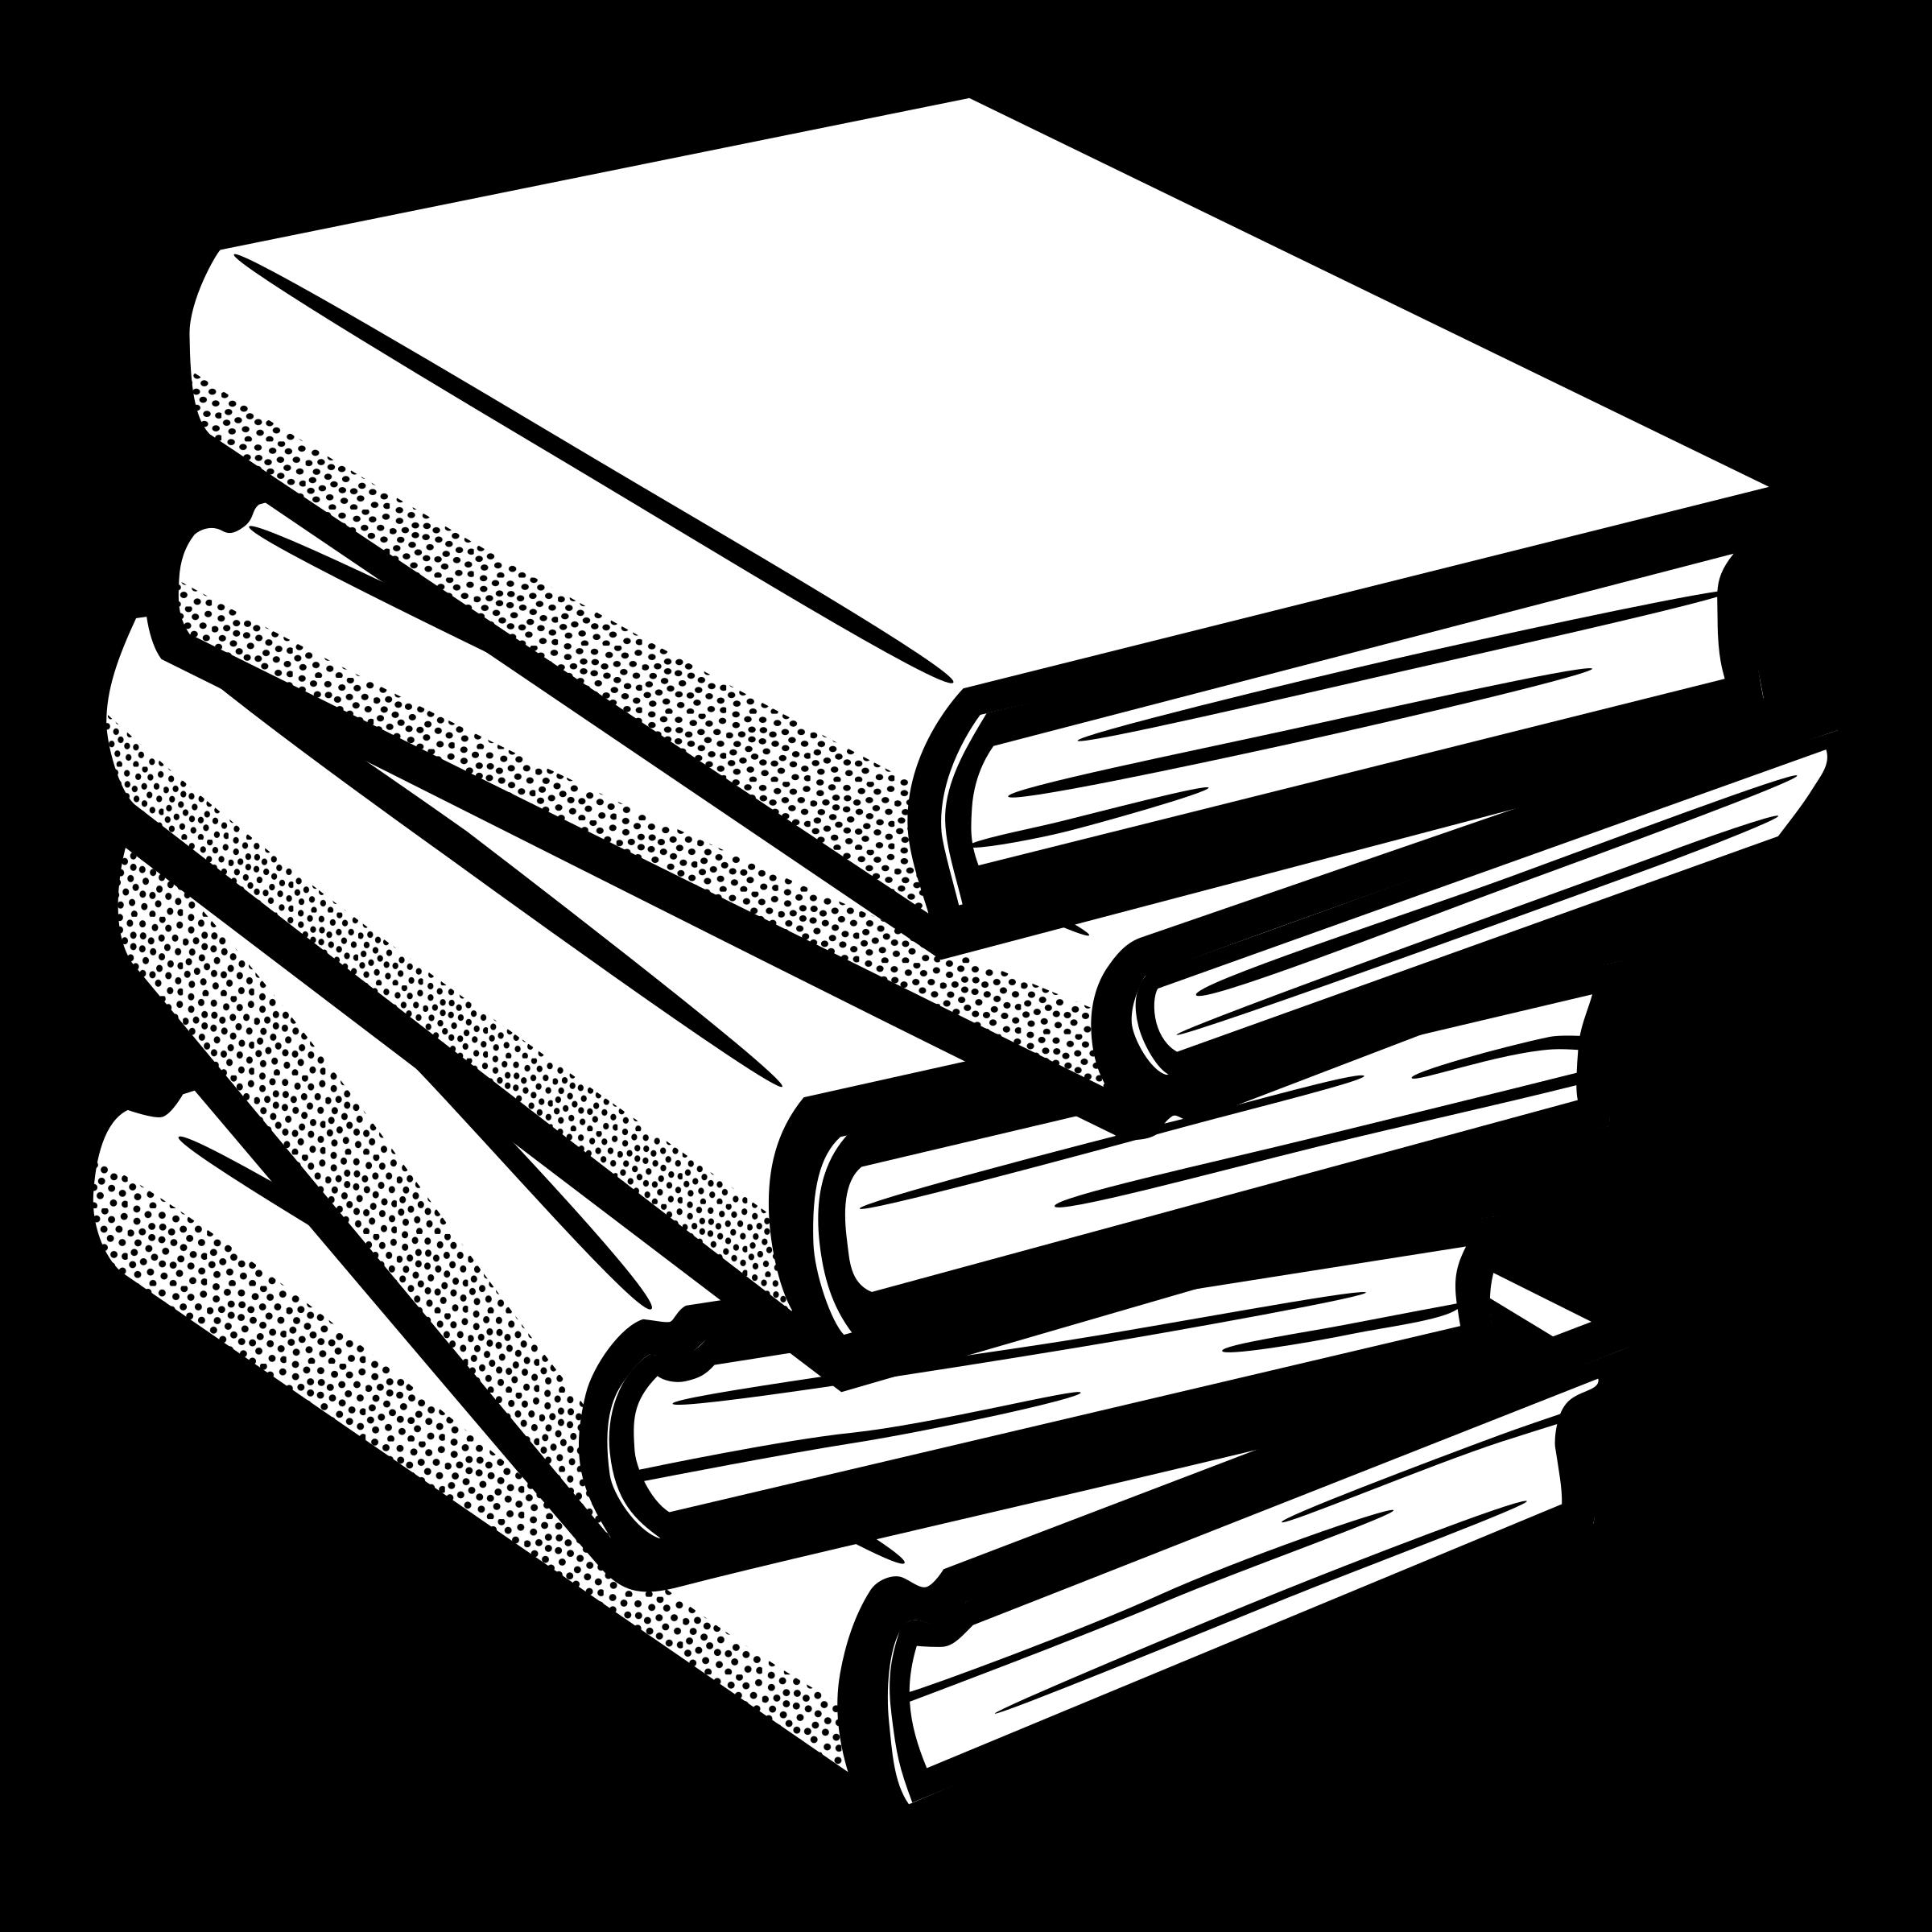 Book Black and White Clip art.